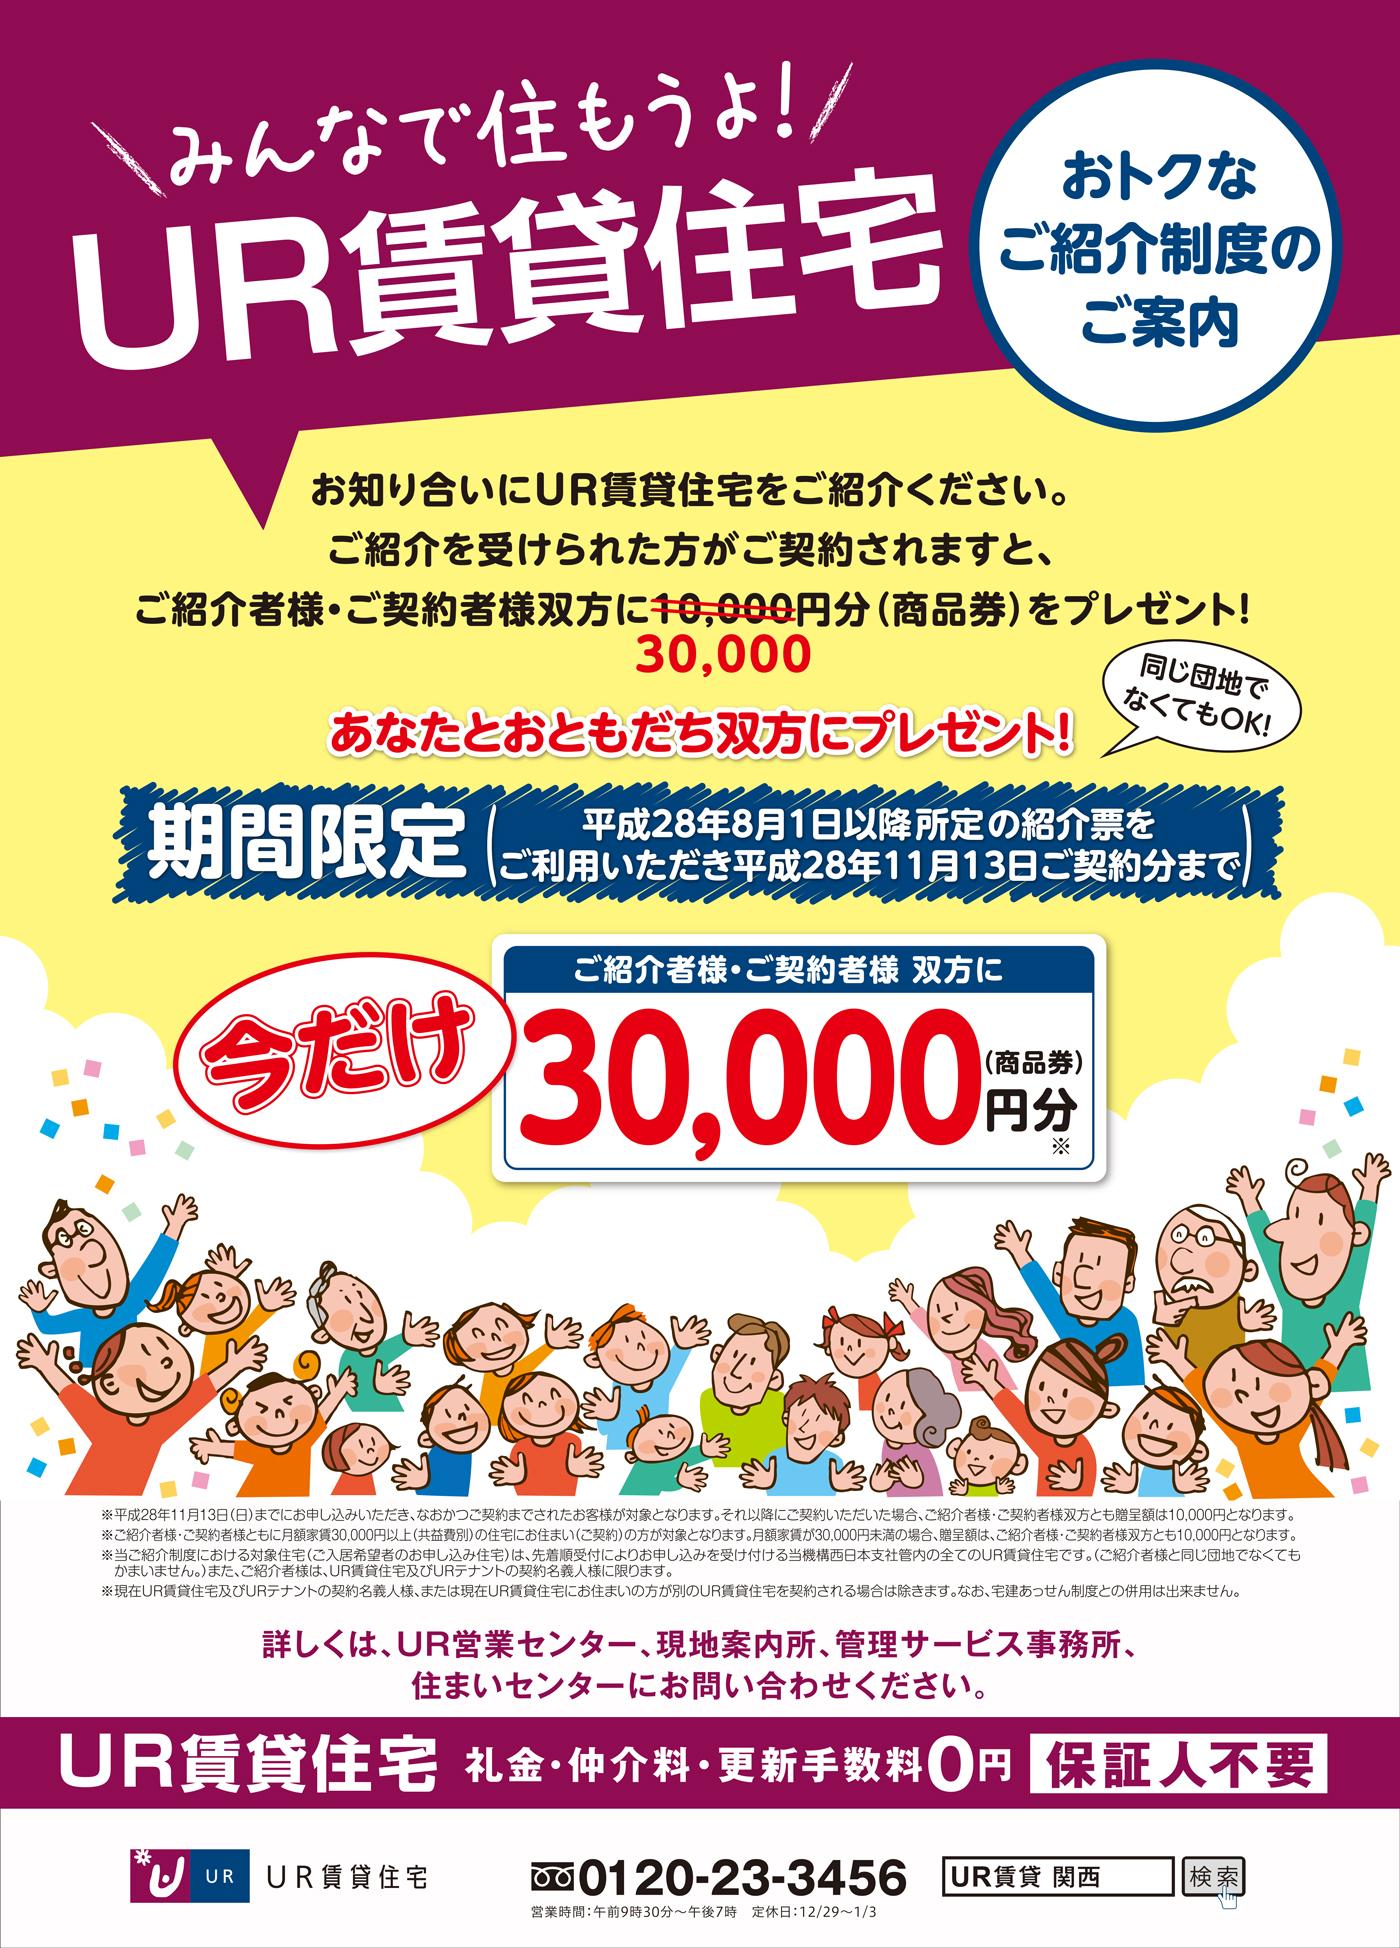 UR紹介制度ポスター